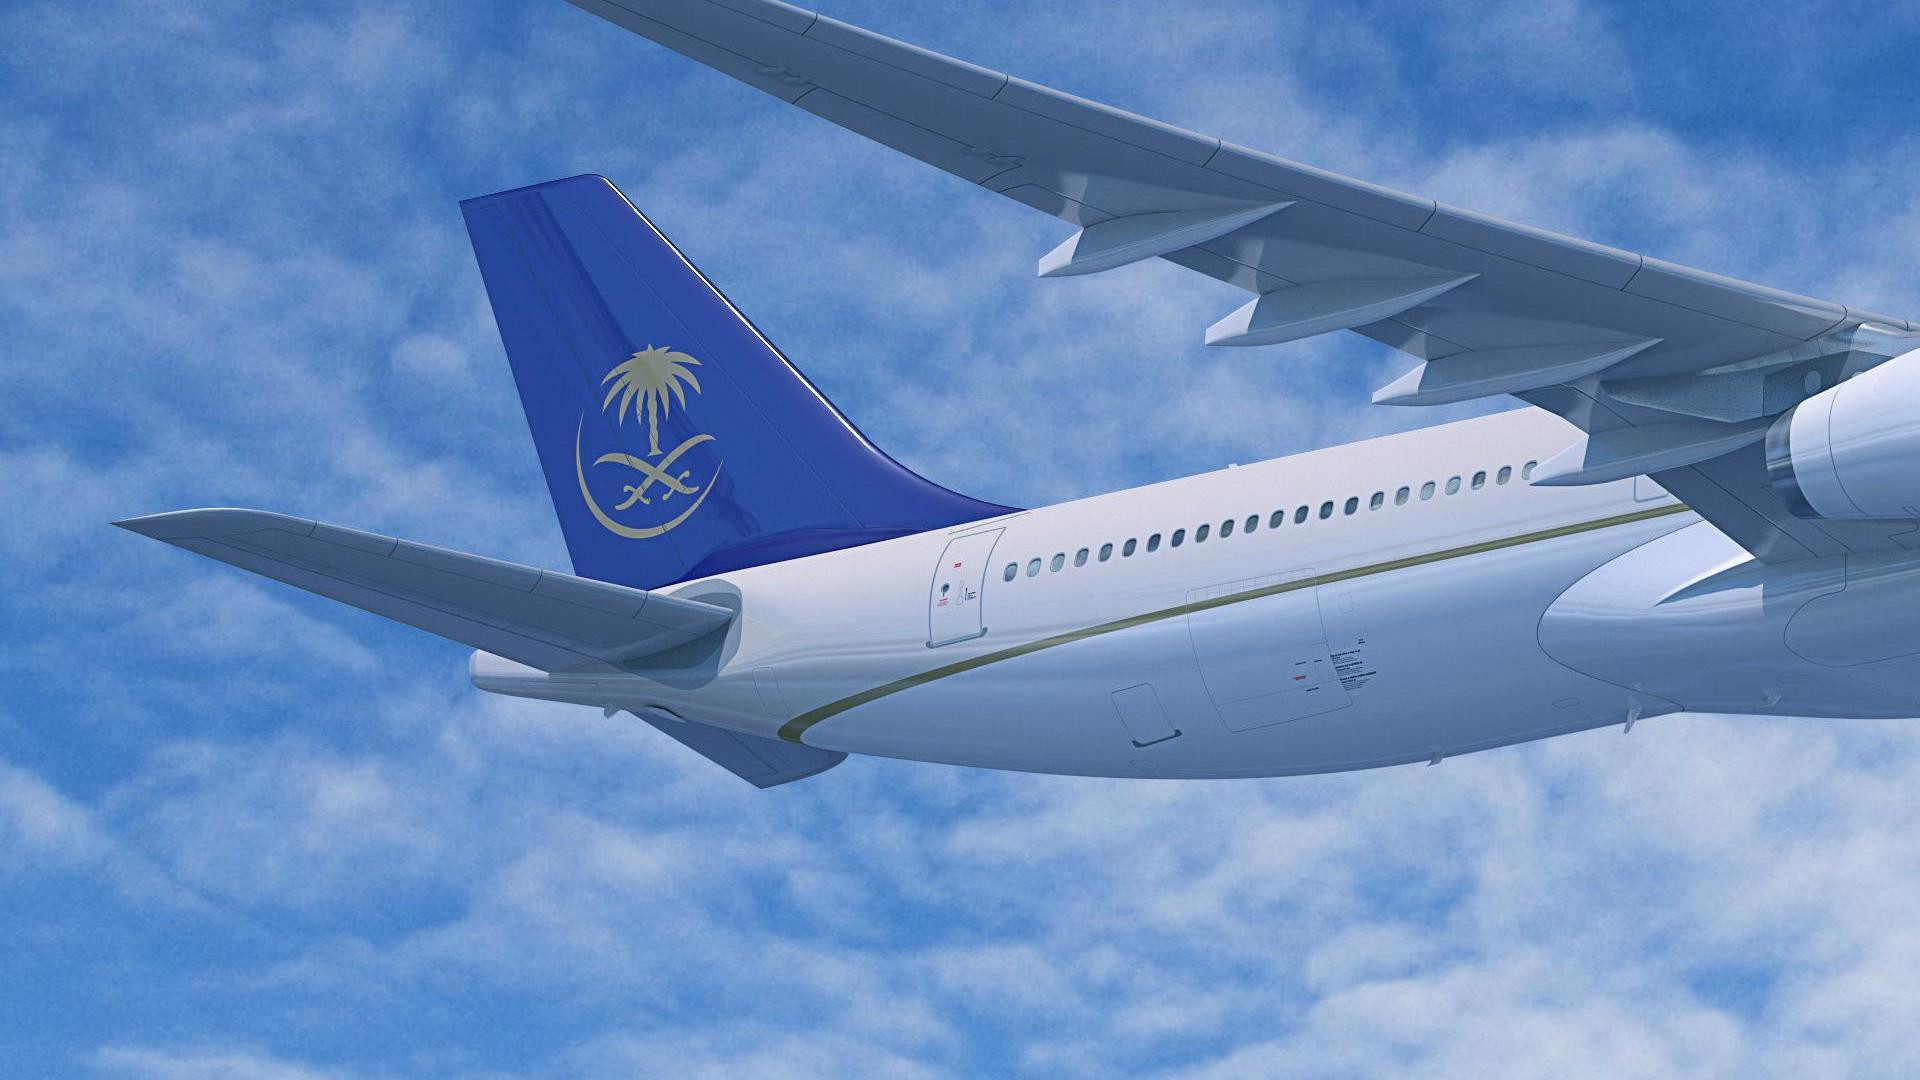 Una línea aérea no permitirá que suban quienes muestren piernas o brazos al descubierto